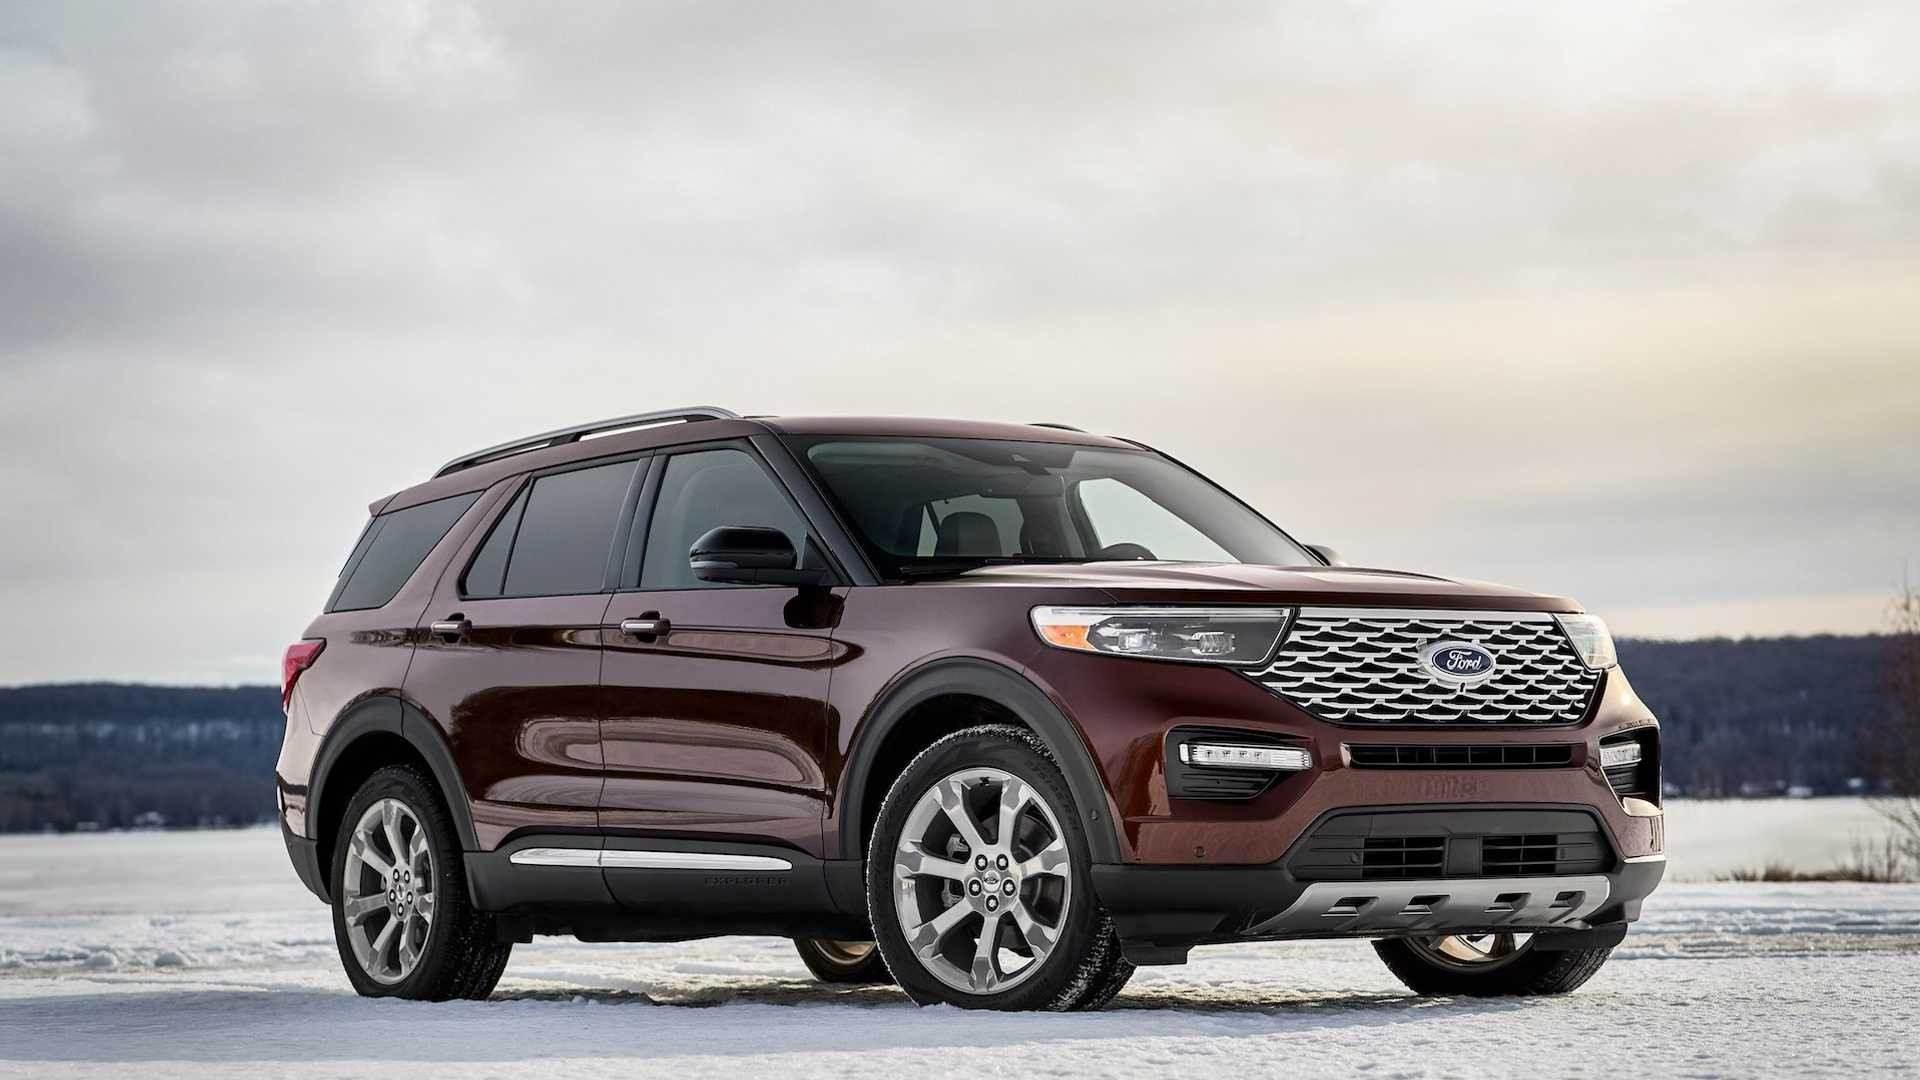 30萬級SUV選以下幾款,外形穩重,性價比高,開出去絕對有面-圖4